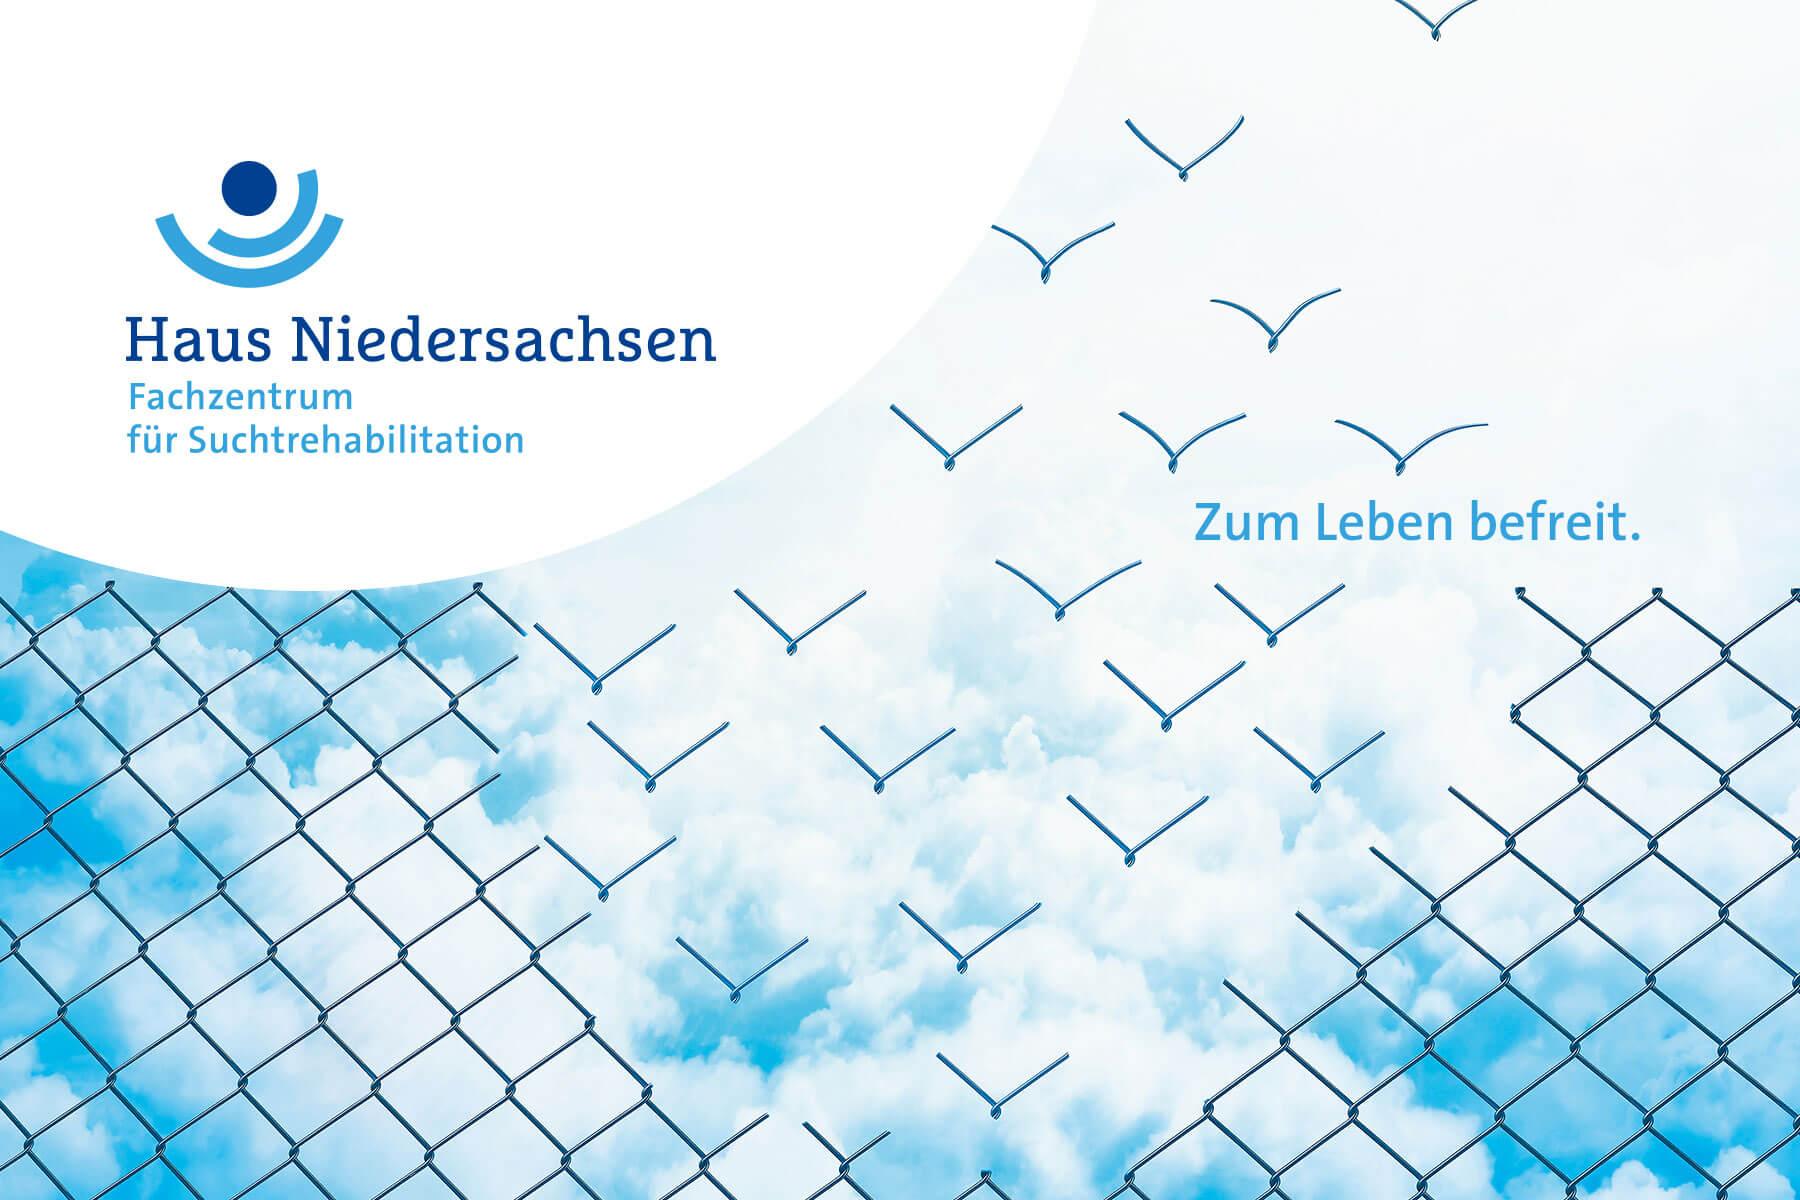 Fachklinik Oerrel – Suchttherapie / Haus Niedersachsen